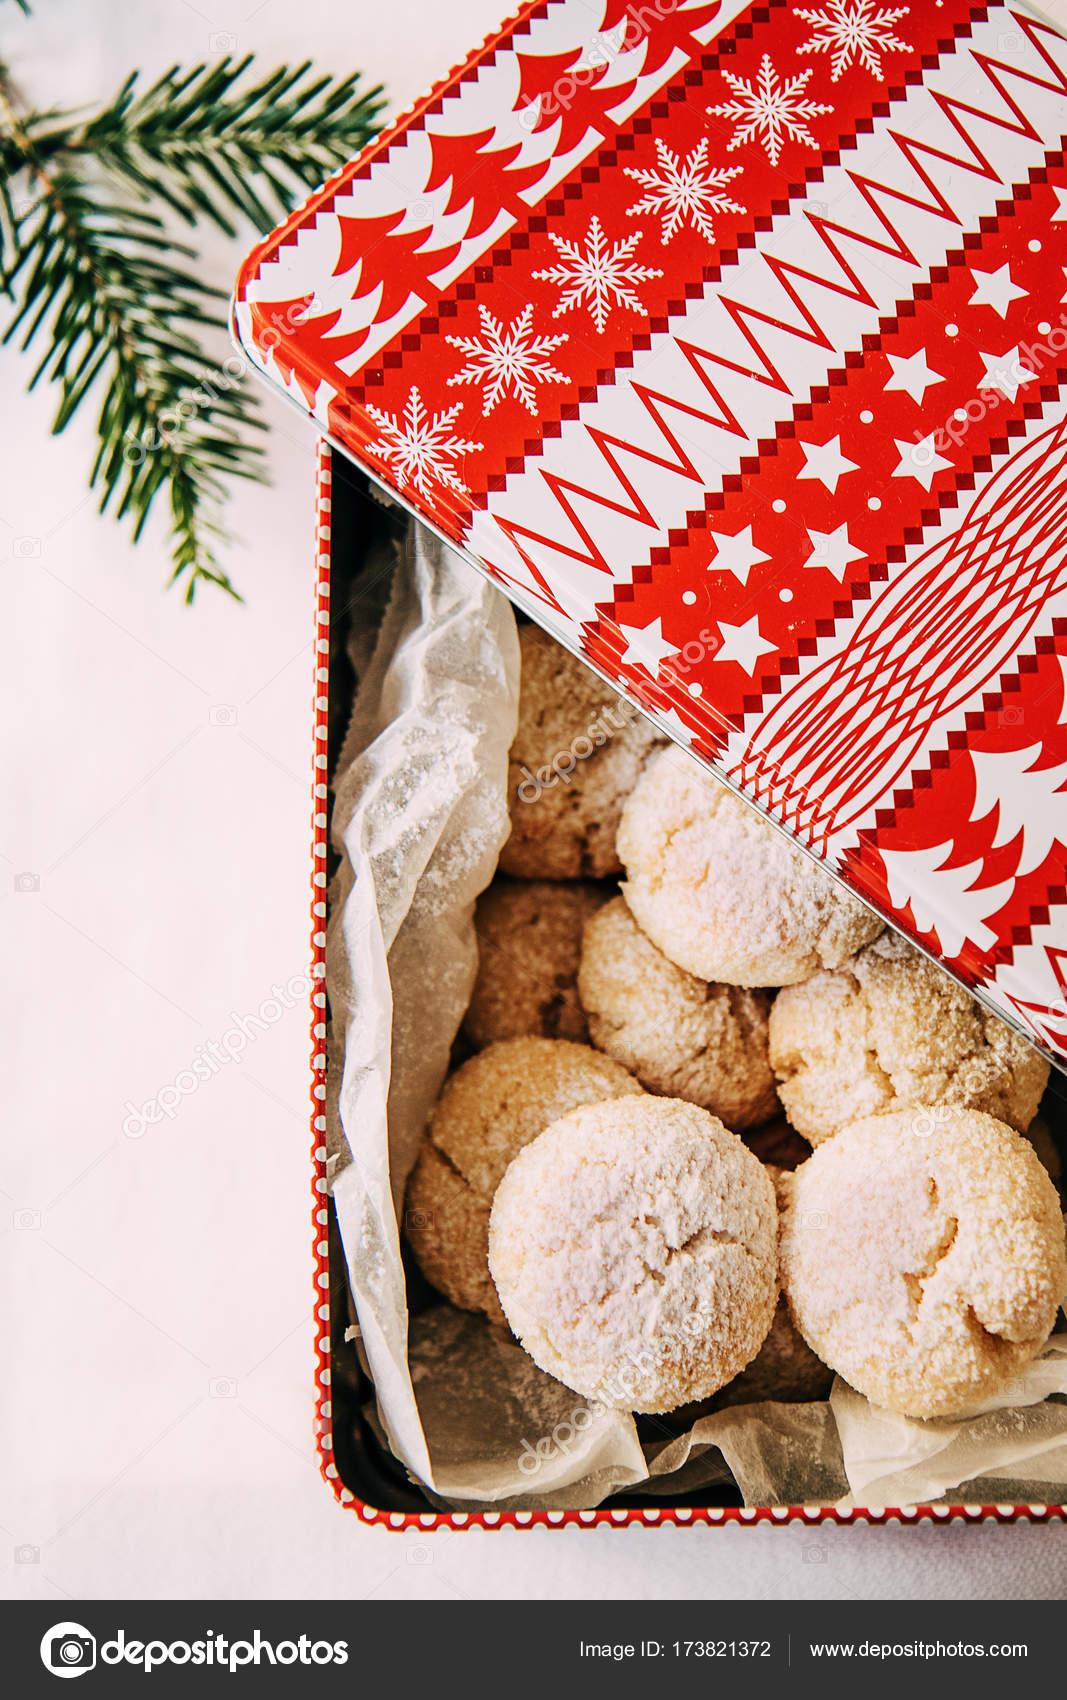 Weihnachtsplätzchen Schweiz.Traditionelle Schweizer Weihnachtsplätzchen Mit Kokosnuss In Einer